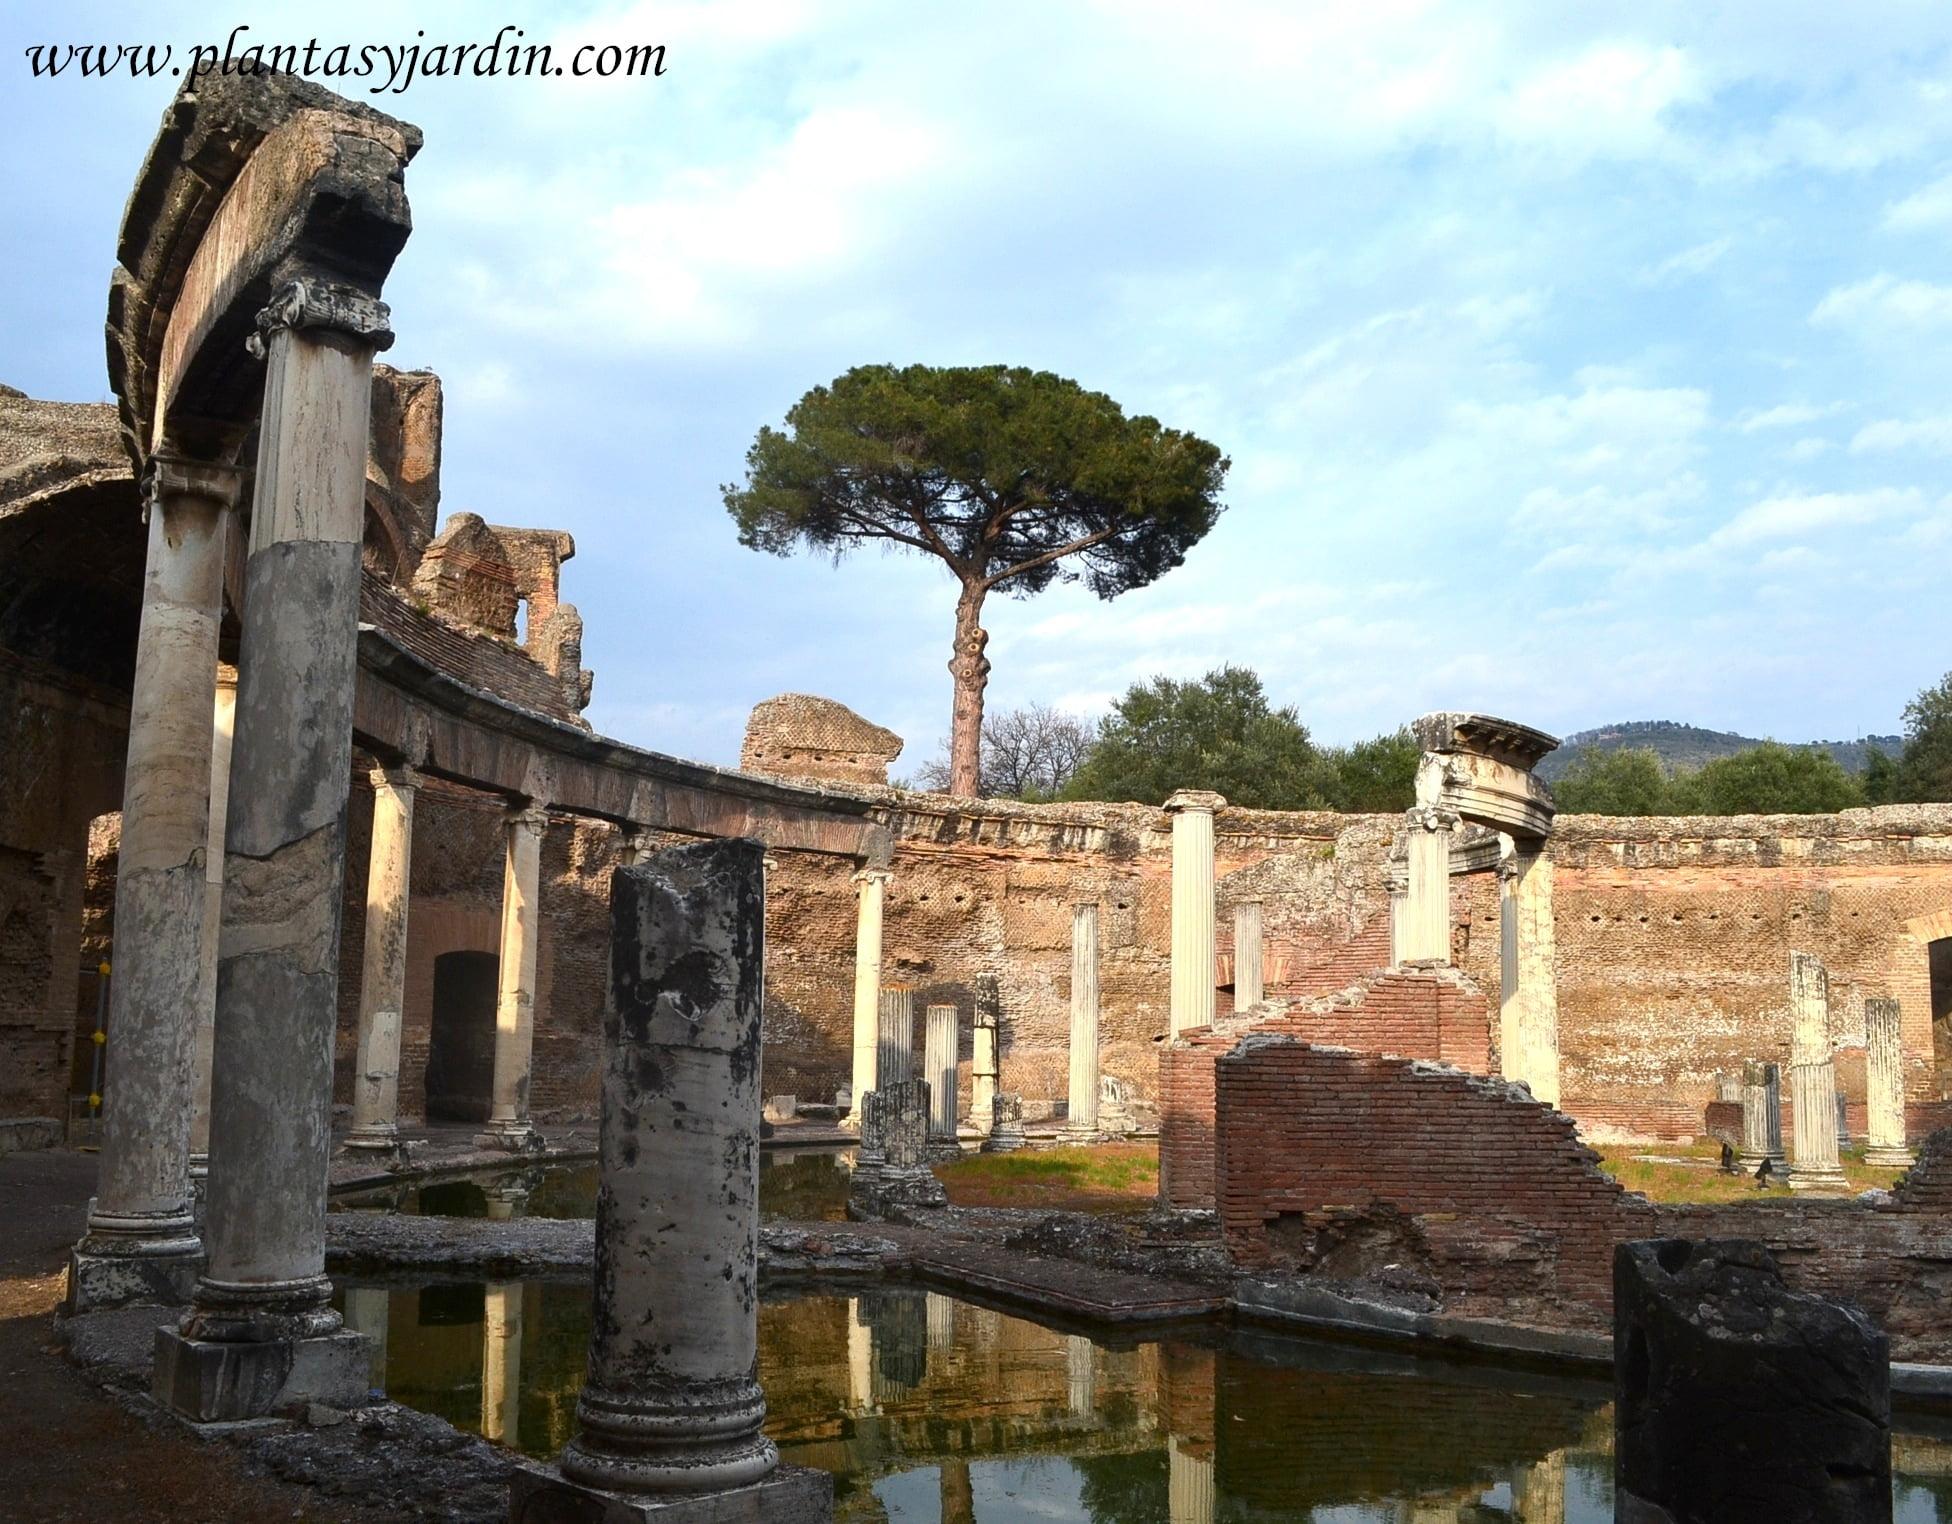 Teatro Maritimo en la Villa Adriana, jardines imperiales de la Antigua Roma